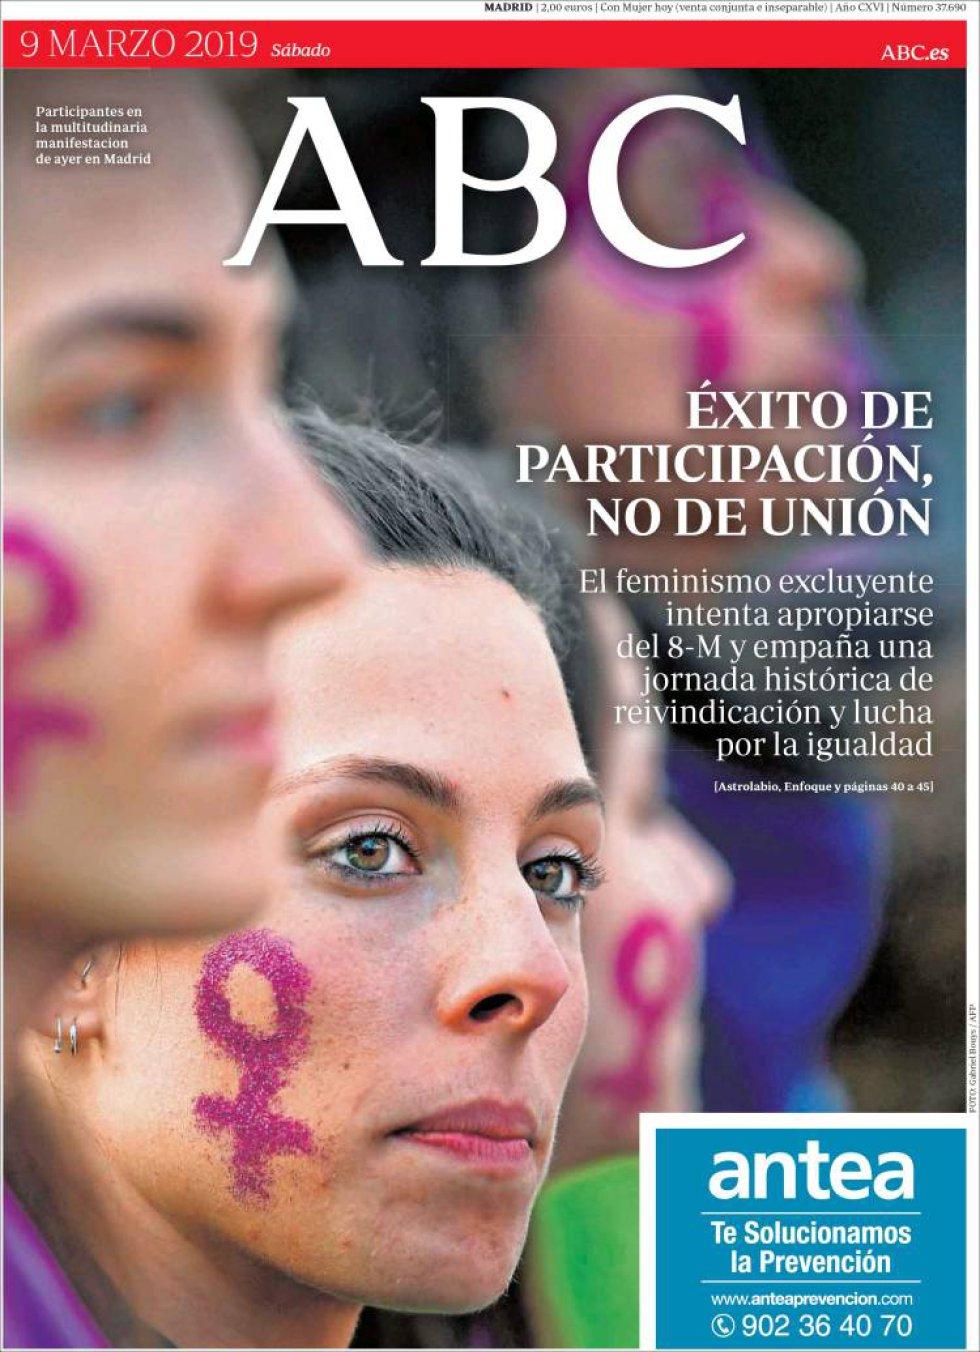 Portada de ABC el 9M